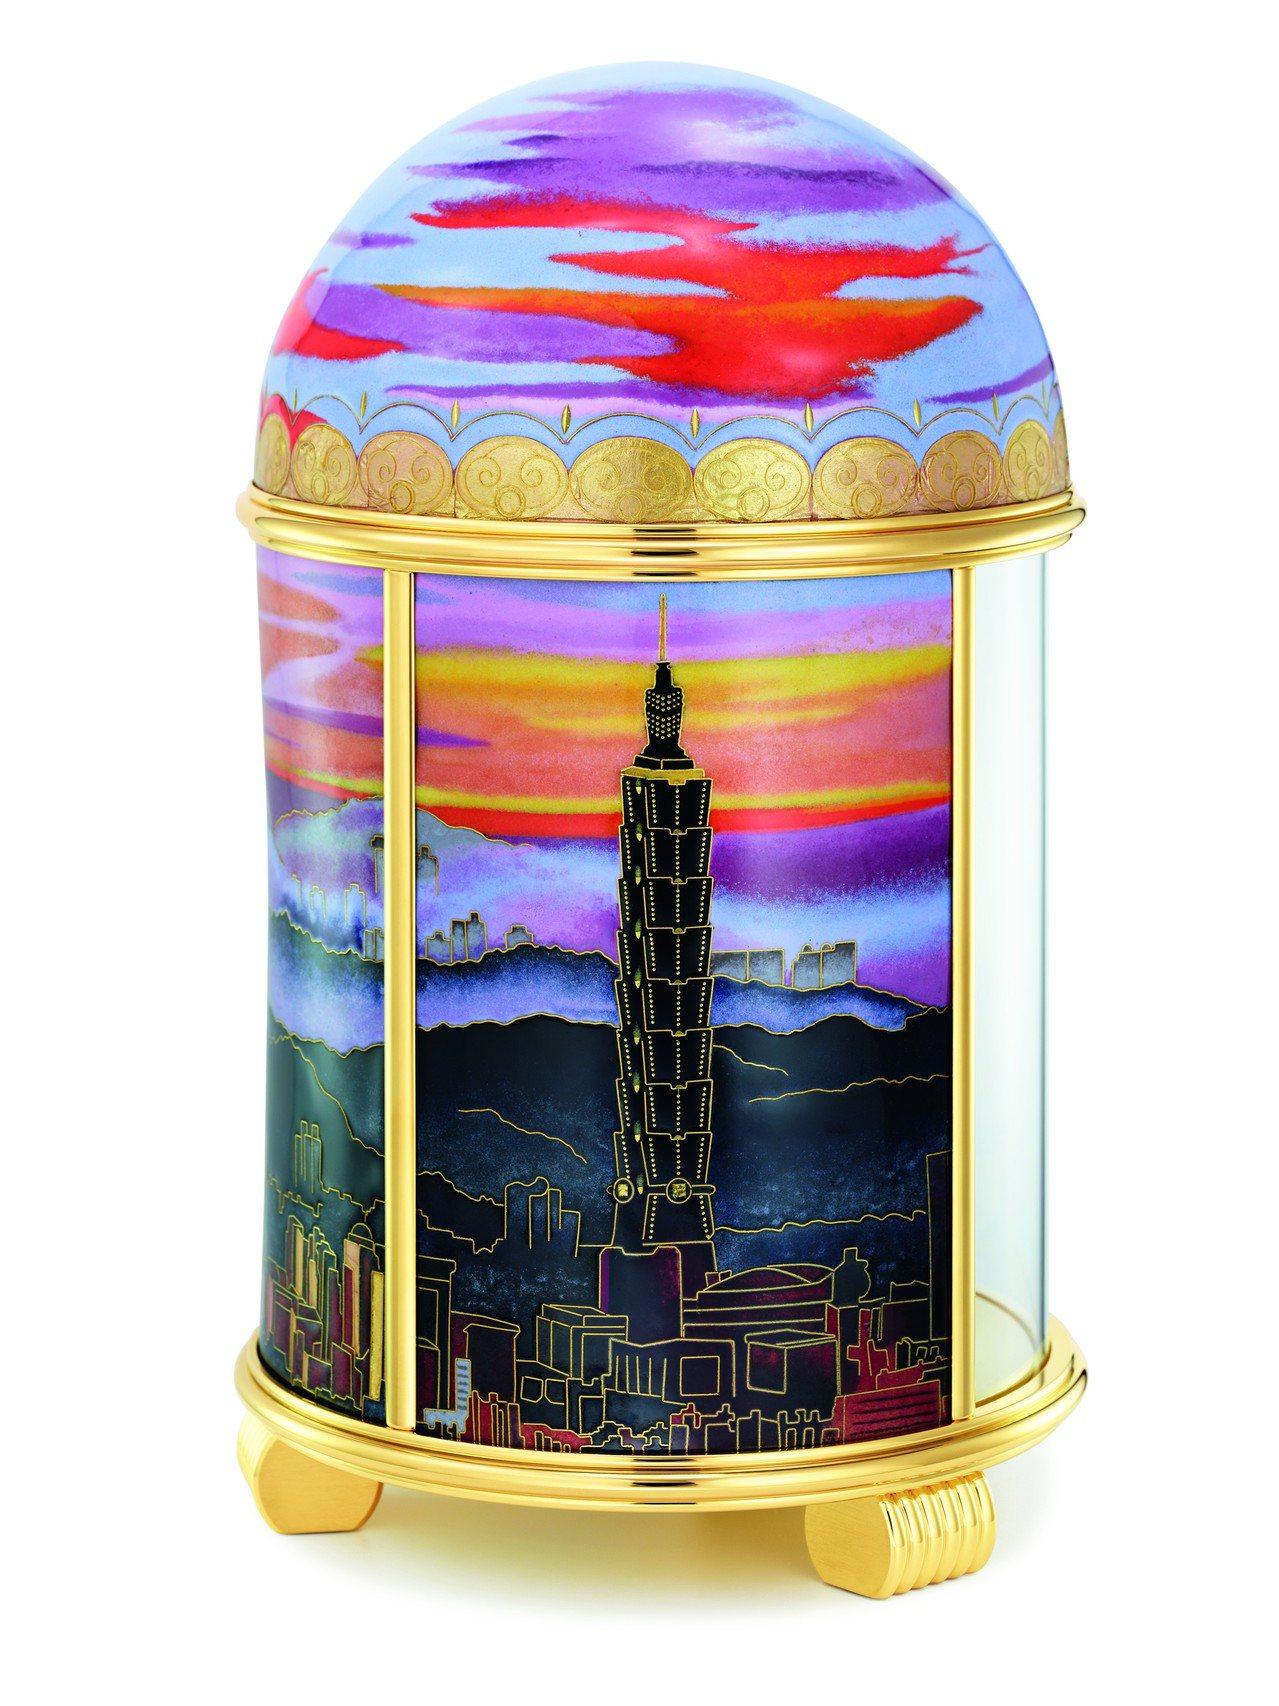 在「雲輝霞映‧台北」圓頂座鐘的構圖裡,台北地標的101大樓也在其中。圖/Pate...